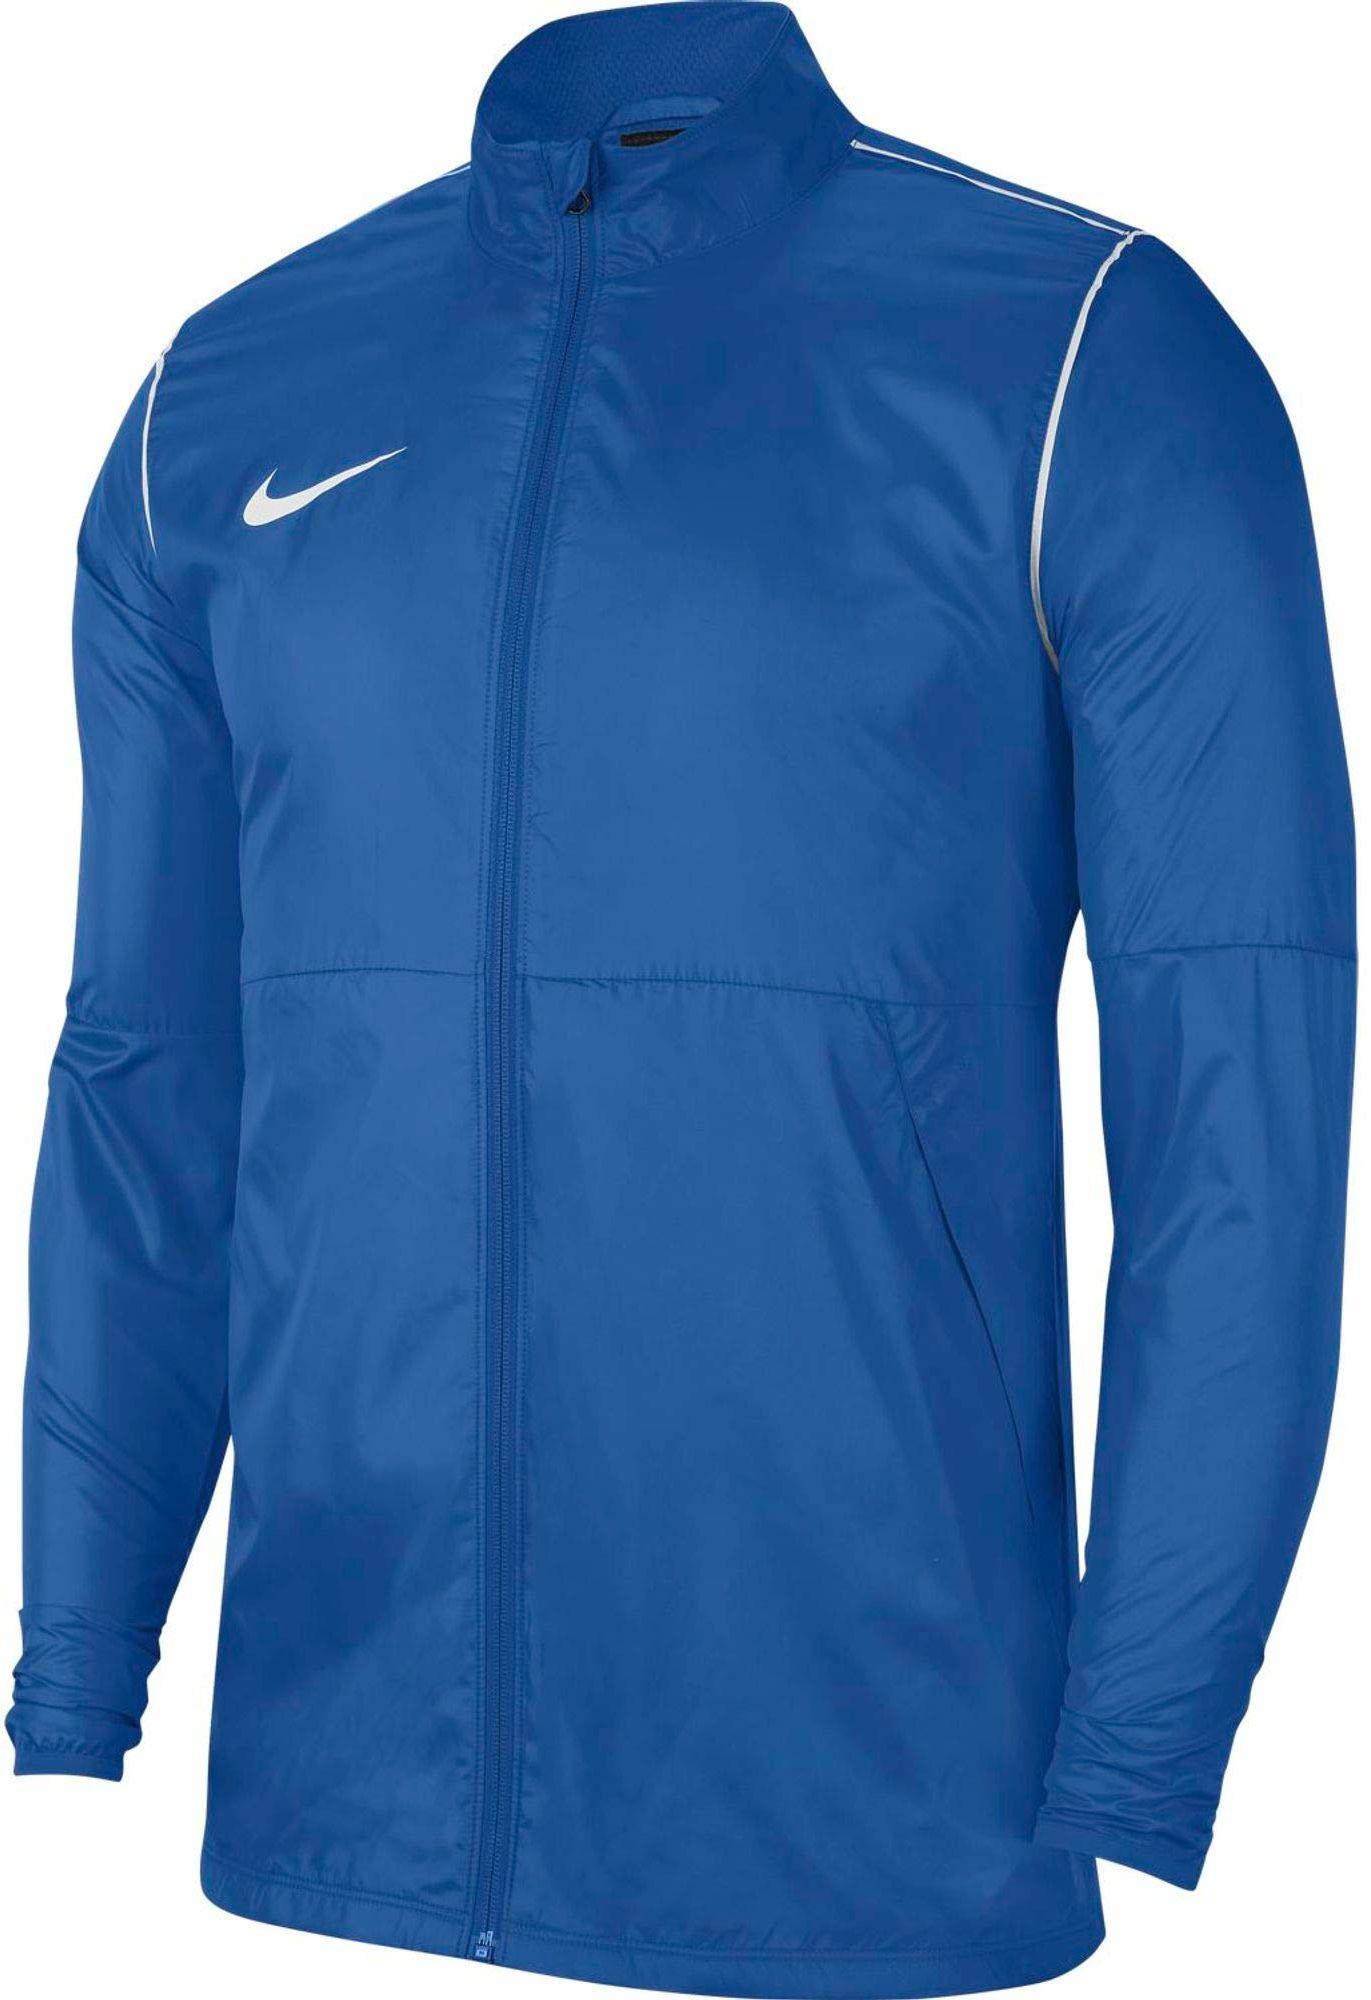 Nike Kids Park20 kurtka przeciwdeszczowa, królewski niebieski/biały/(biały), S